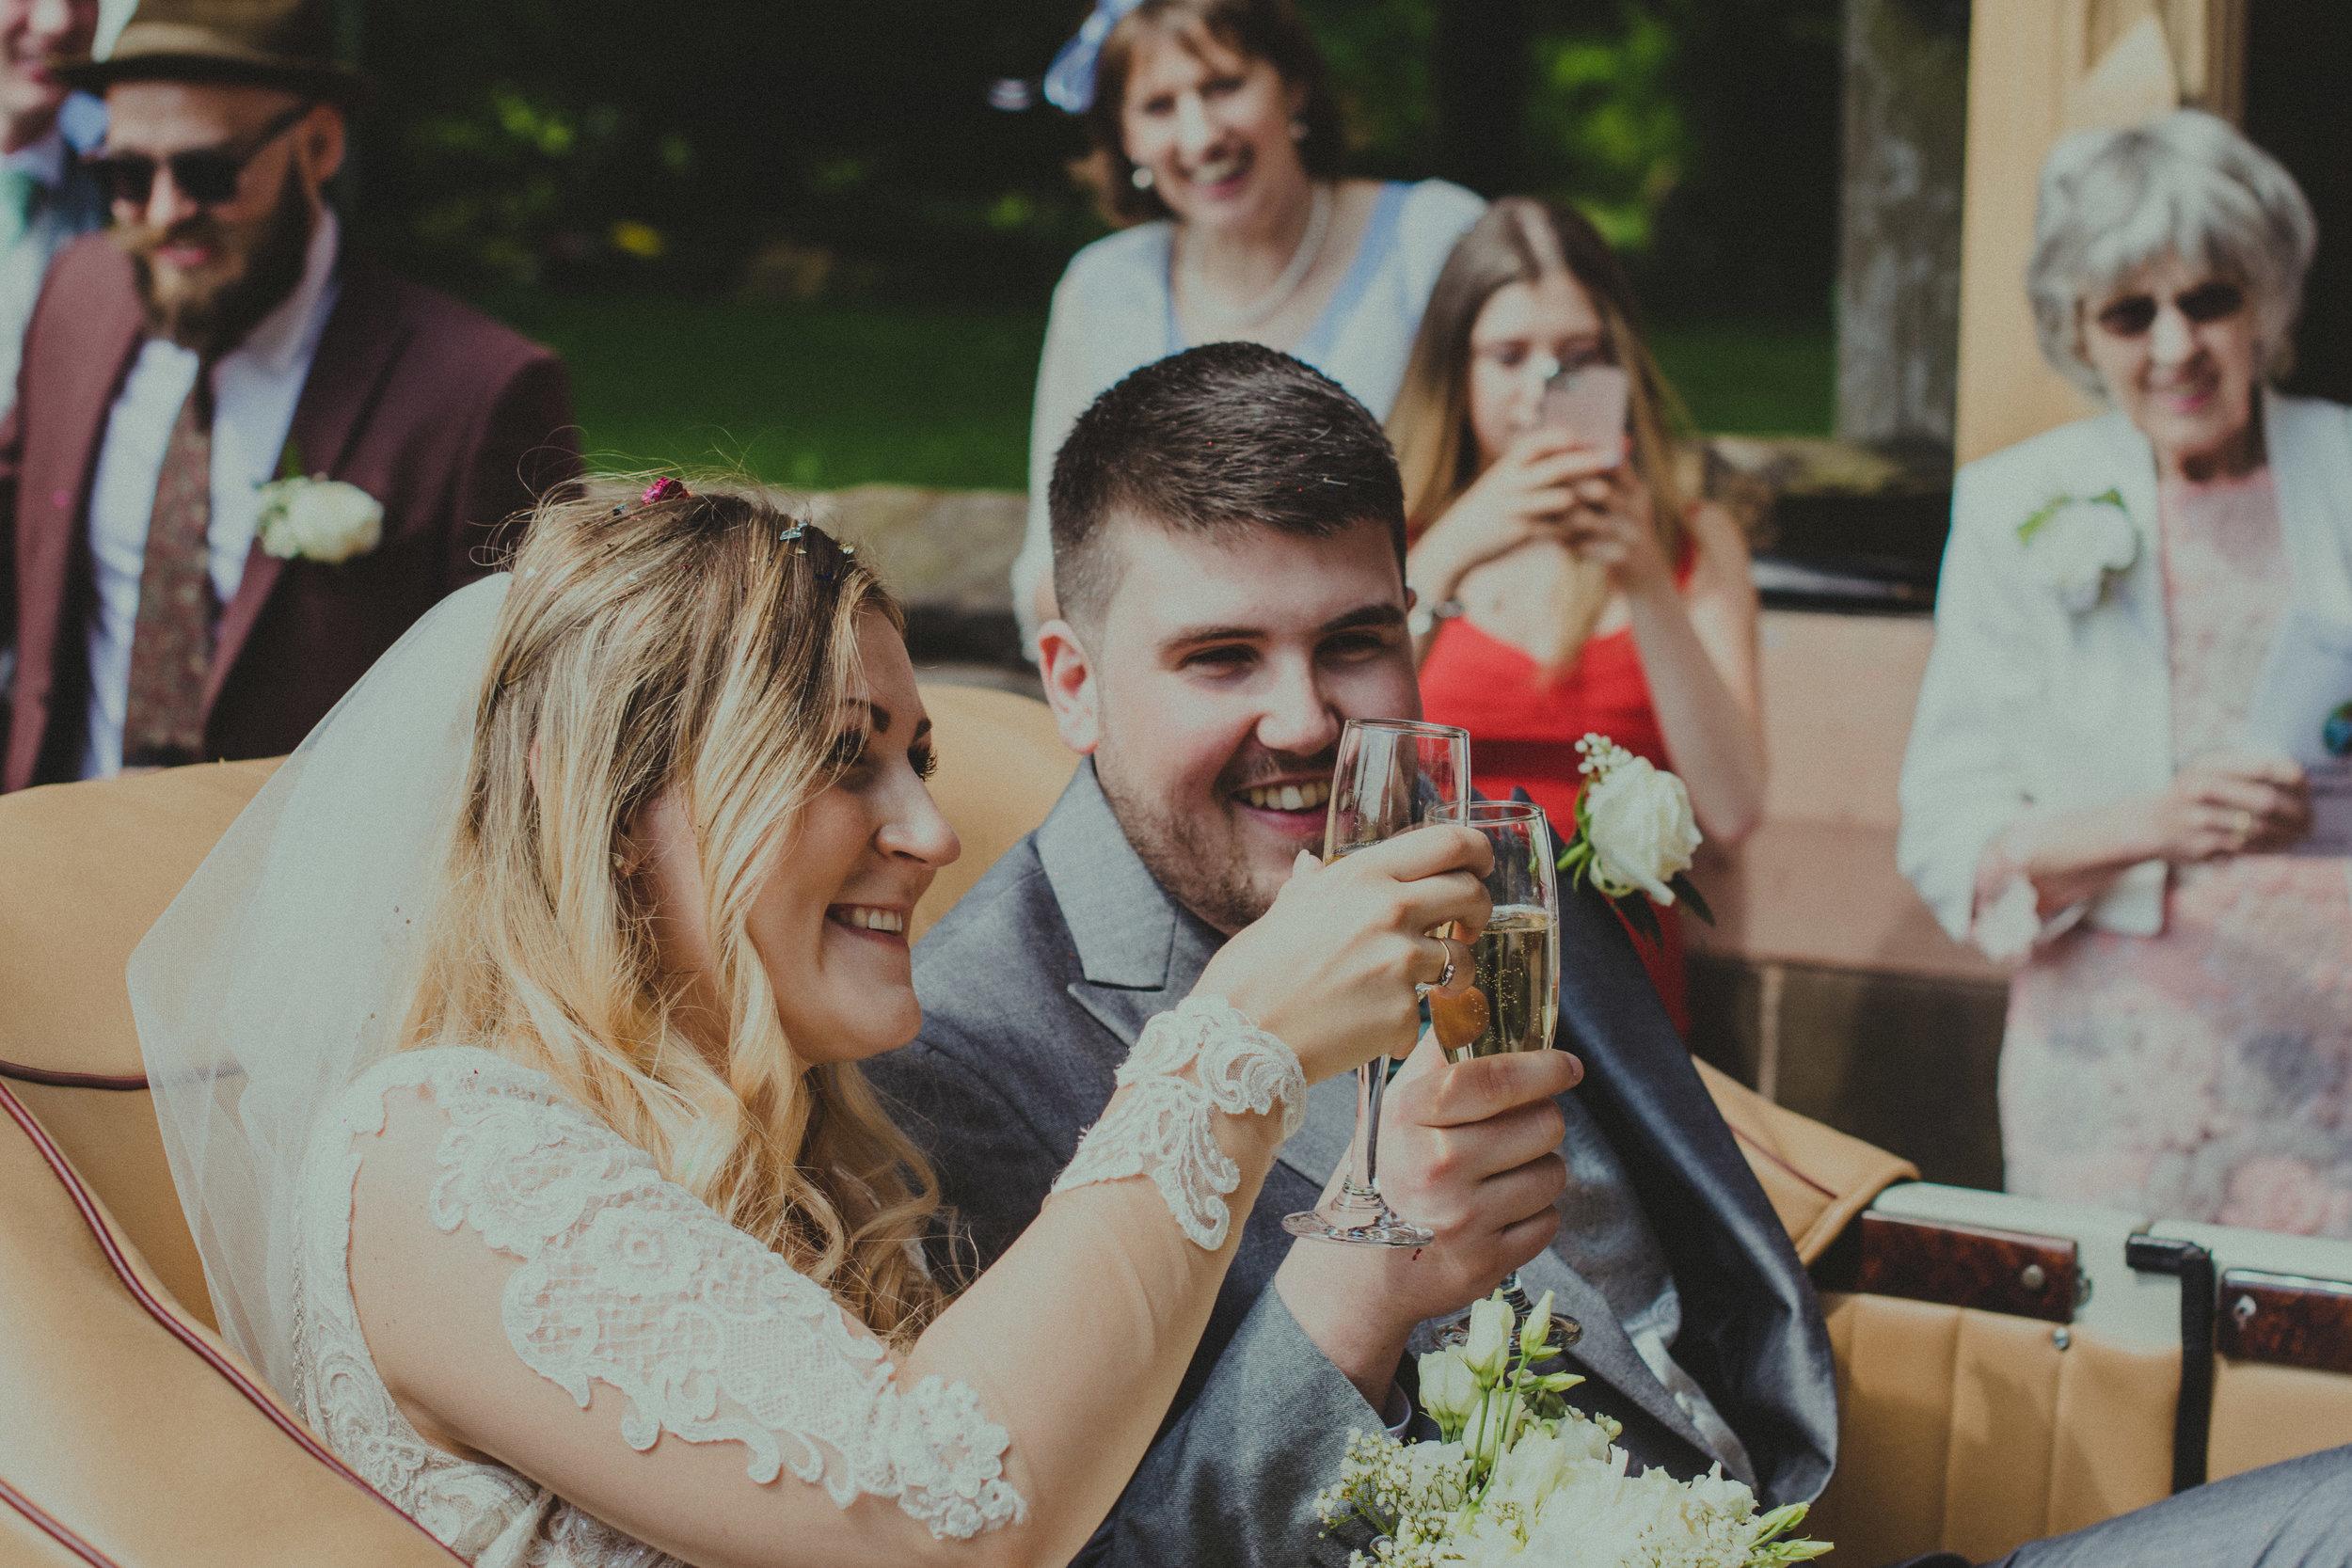 Devon wedding Photographer wedding photographer engagement photographer Newquay wedding photographer chester wedding photographer (1 of 1)-17.jpg